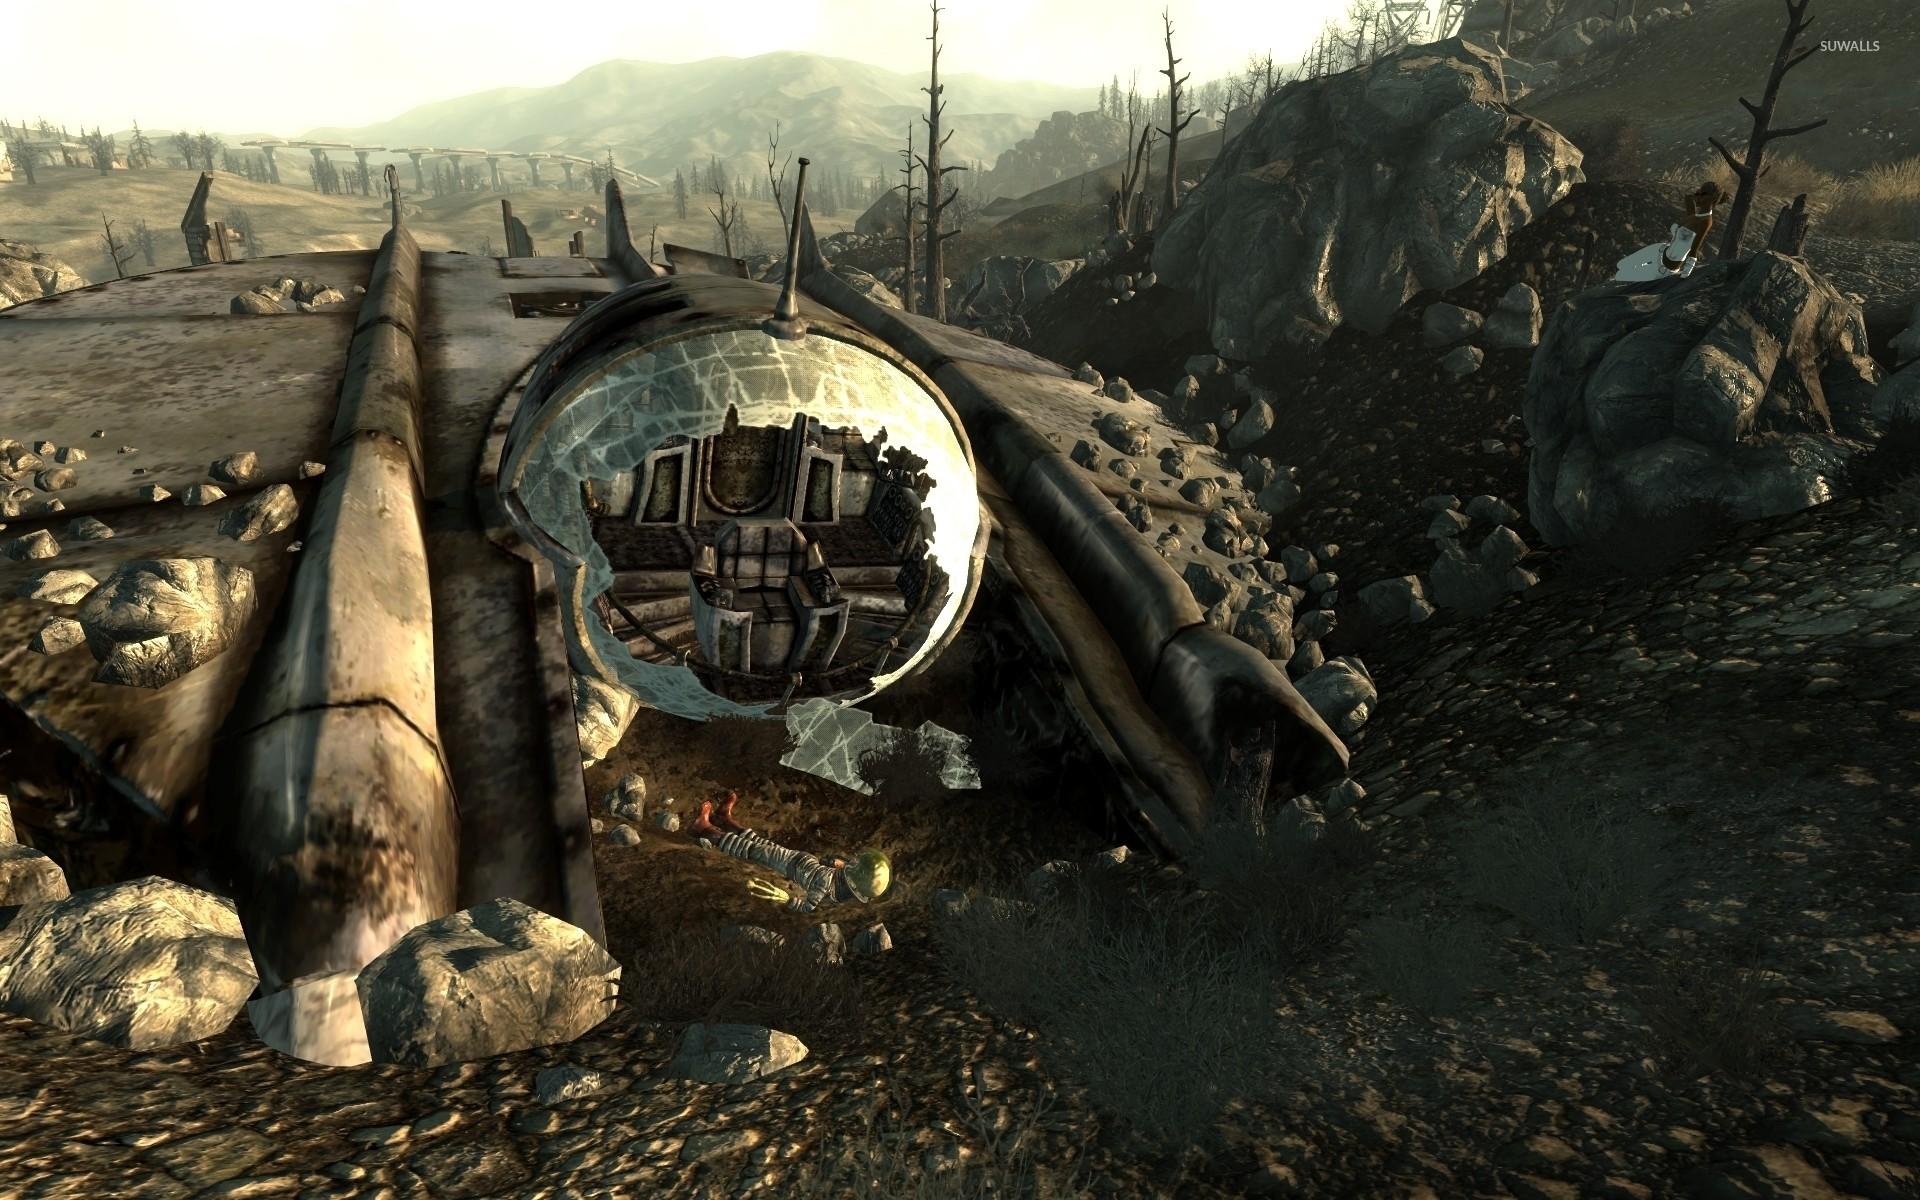 Fallout 3 [5] wallpaper